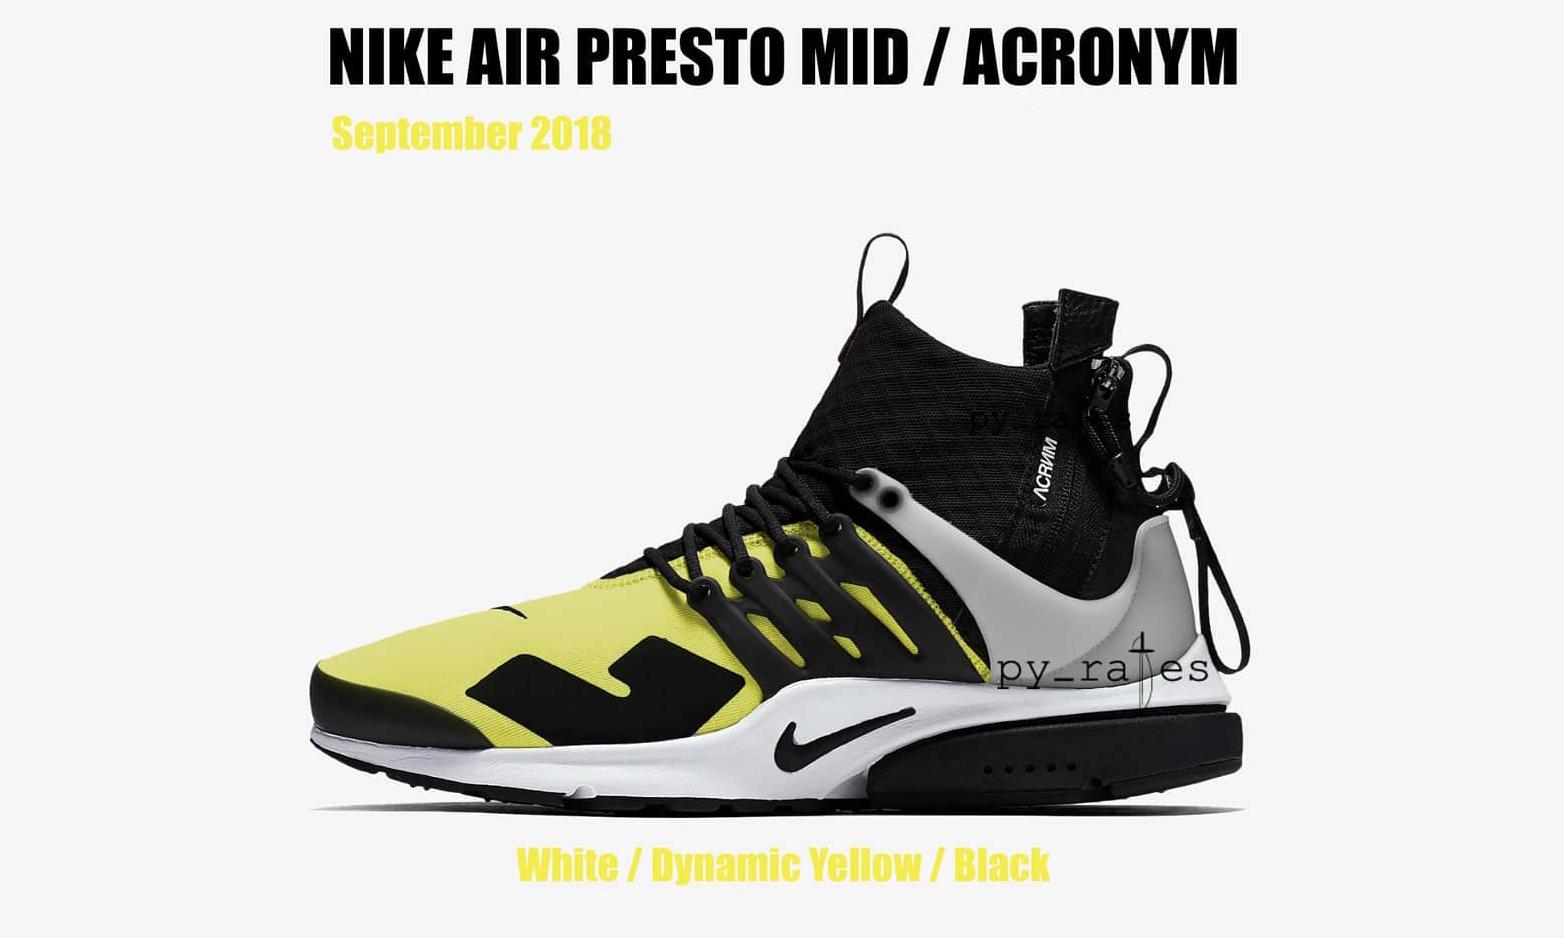 ACRONYM® x NikeLab 或将于 9 月再次发售新配色 Air Presto Mid